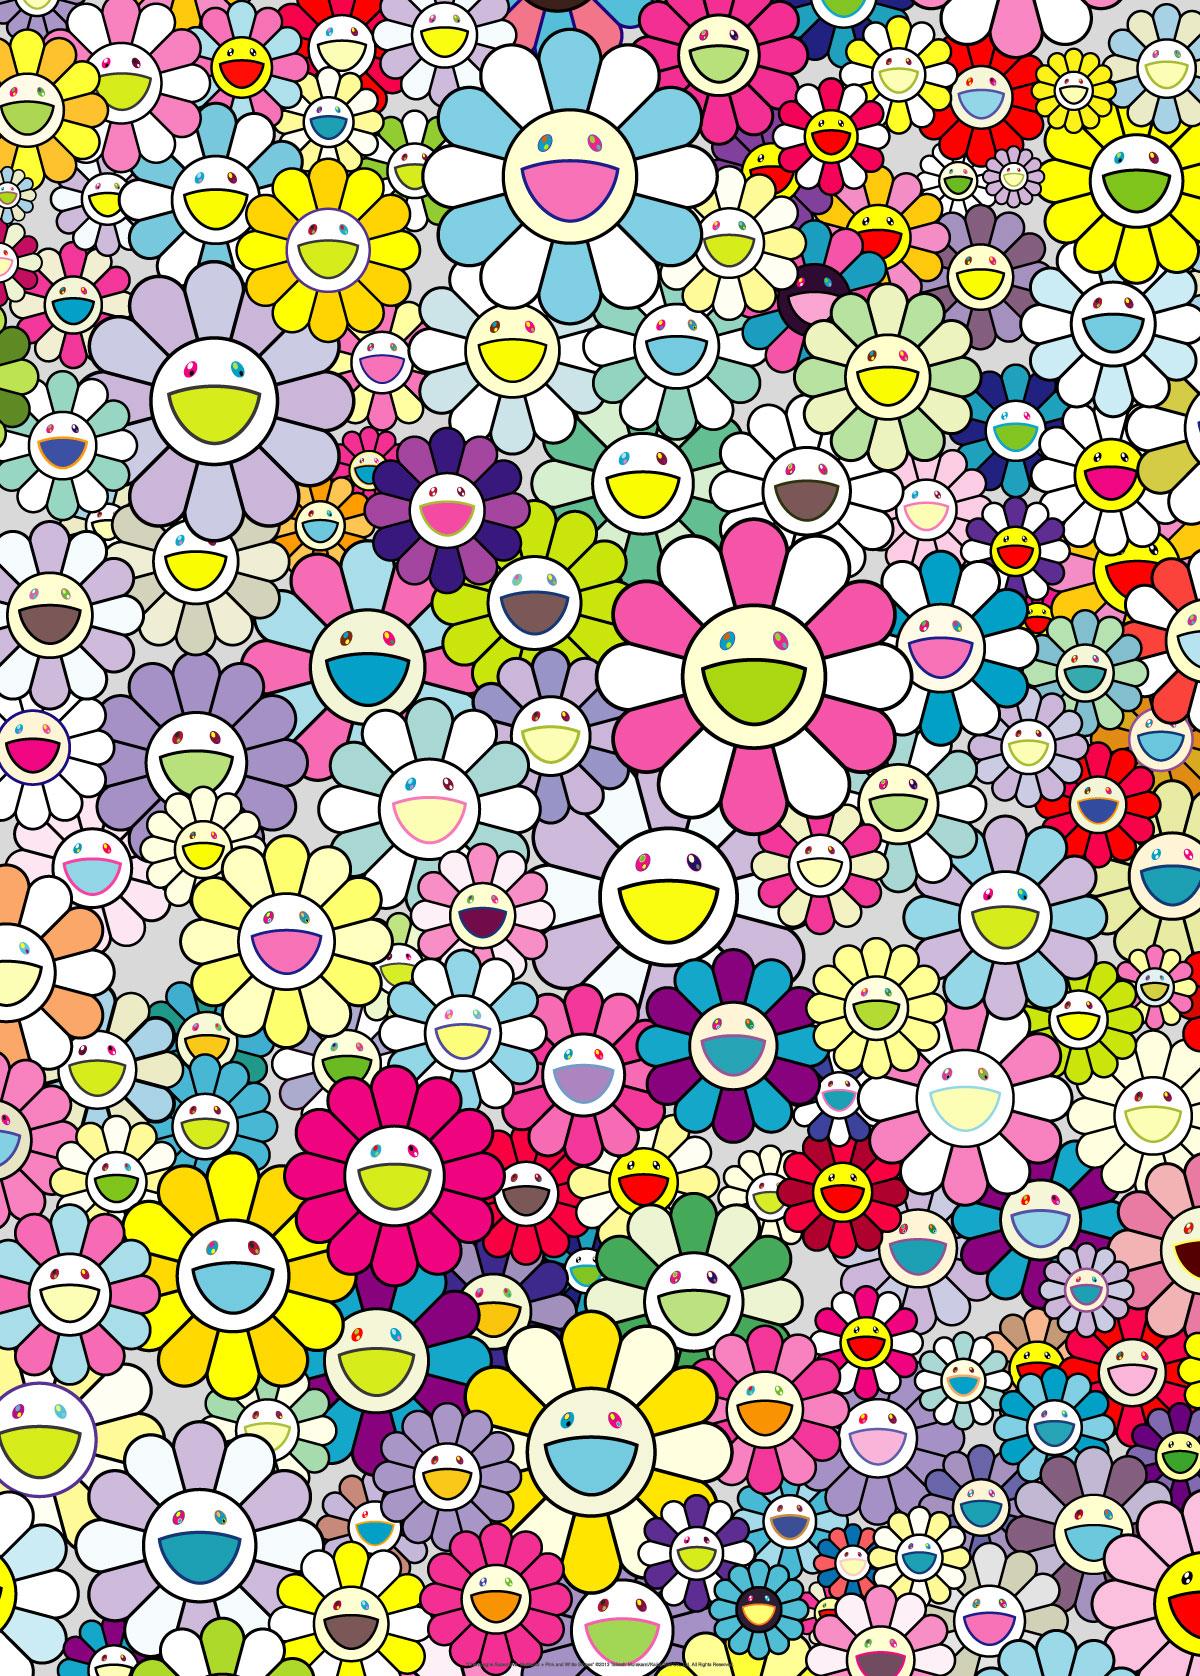 シャンペンスーパーノヴァ:マルチ+ピンクと白のしましま